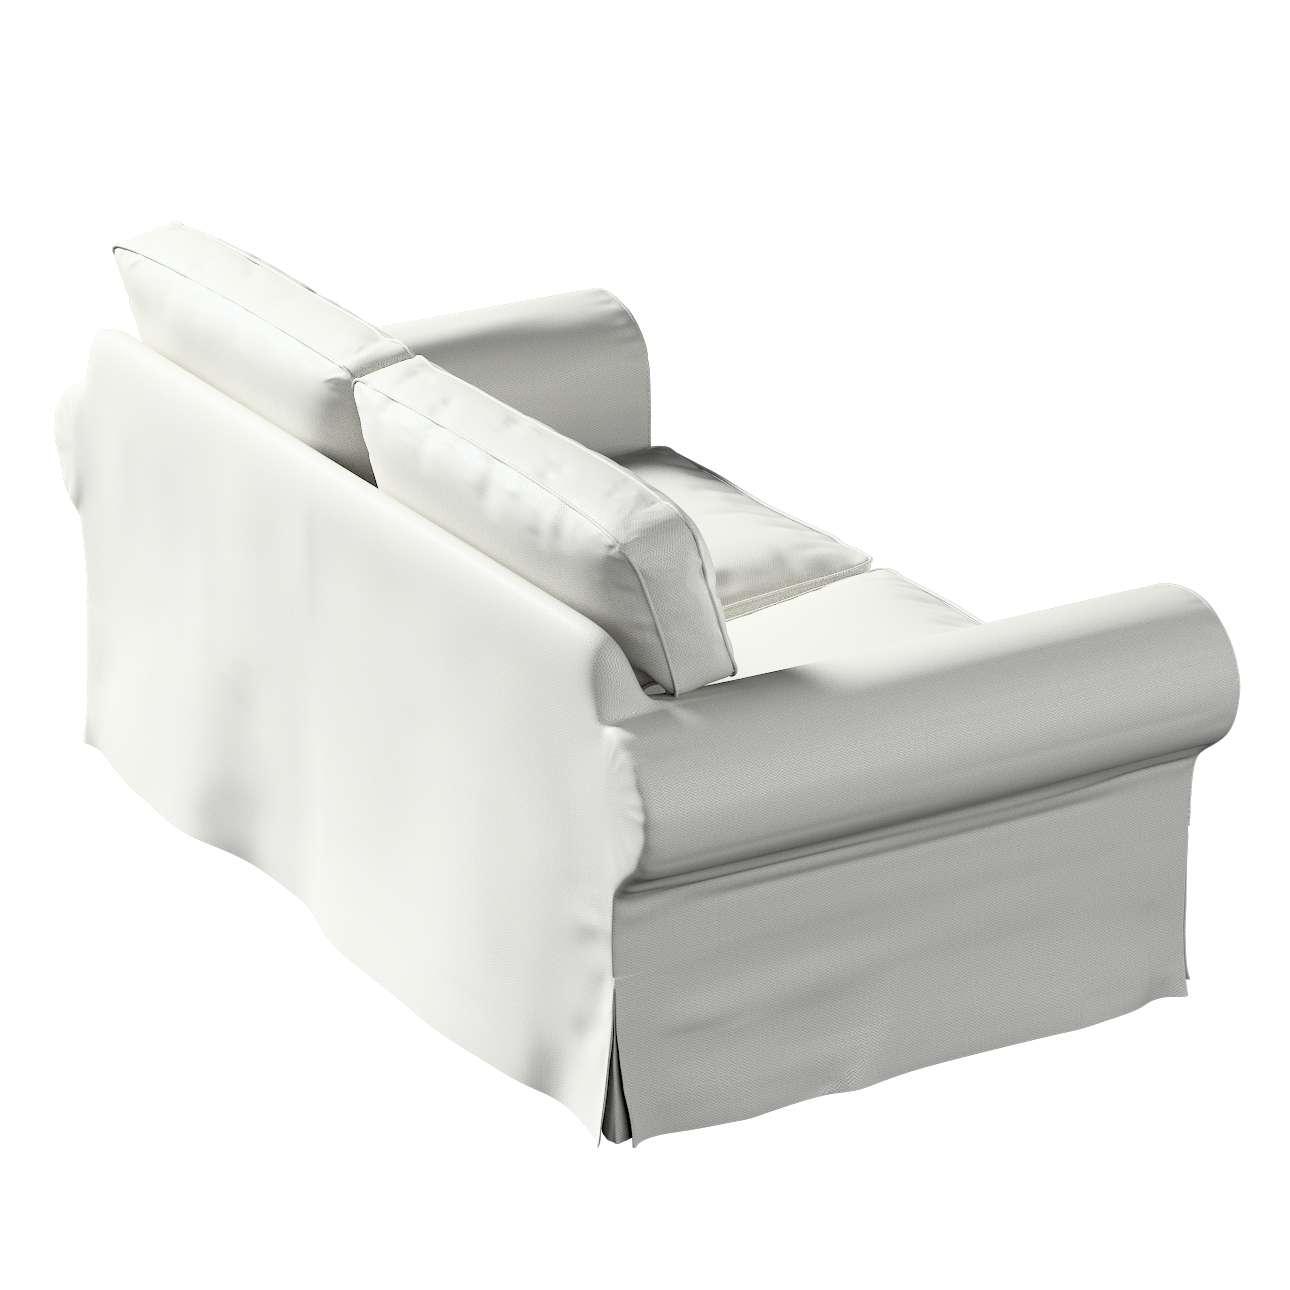 Bezug für Ektorp 2-Sitzer Schlafsofa ALTES Modell von der Kollektion Bergen, Stoff: 161-84